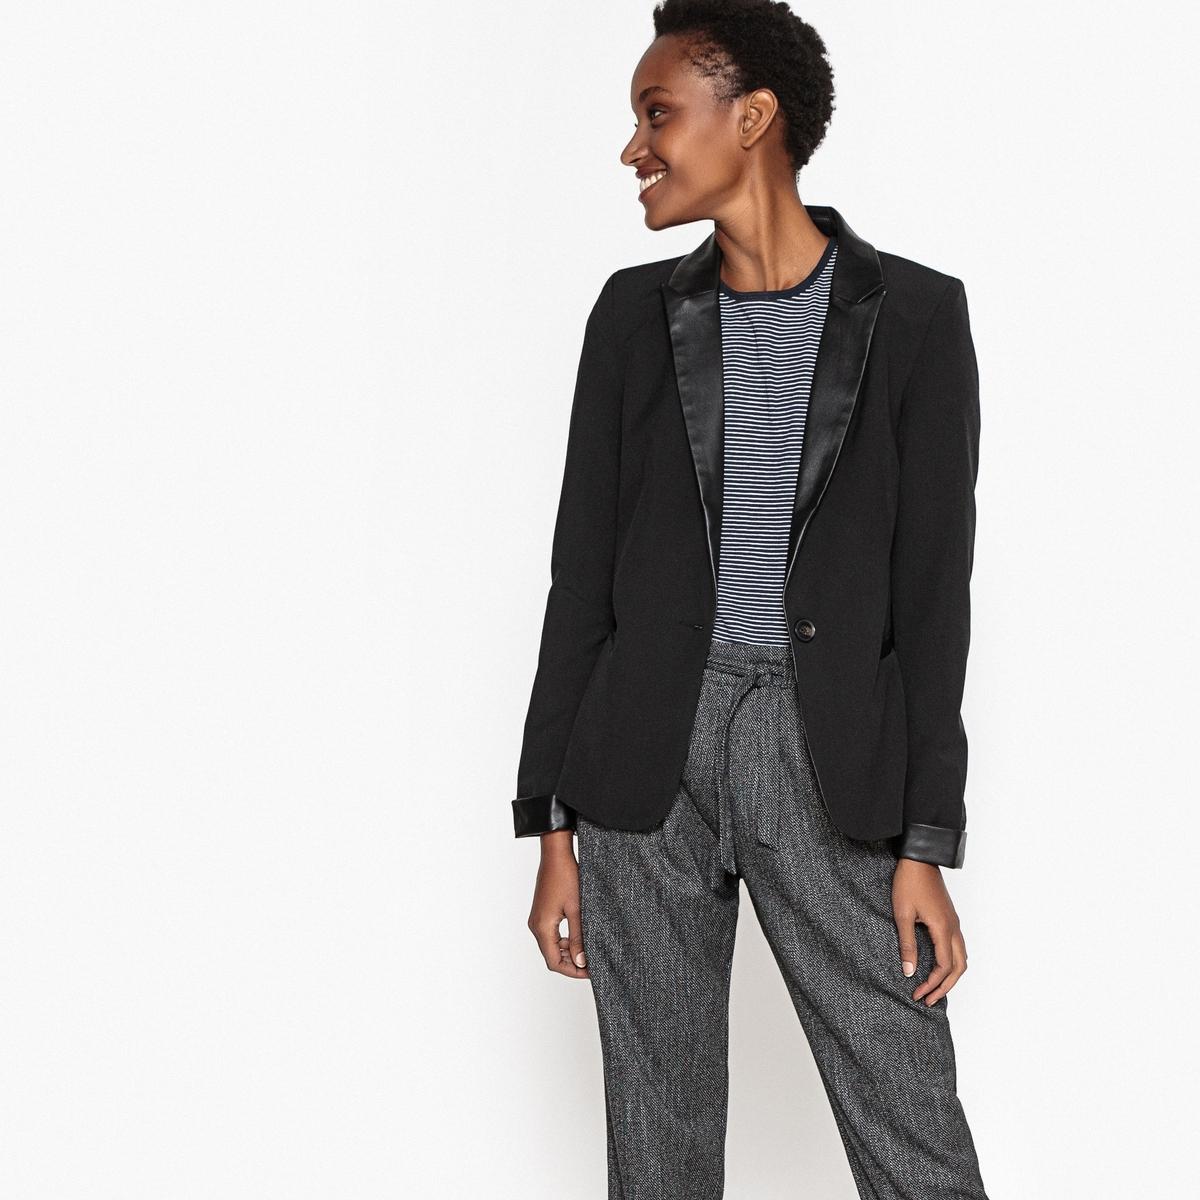 Куртка-блейзер приталеннаяДетали •  Блейзер •  Приталенный покрой   •  Воротник-поло, рубашечный Состав и уход •  19% вискозы, 4% эластана, 77% полиэстера •  Следуйте рекомендациям по уходу, указанным на этикетке изделия<br><br>Цвет: черный